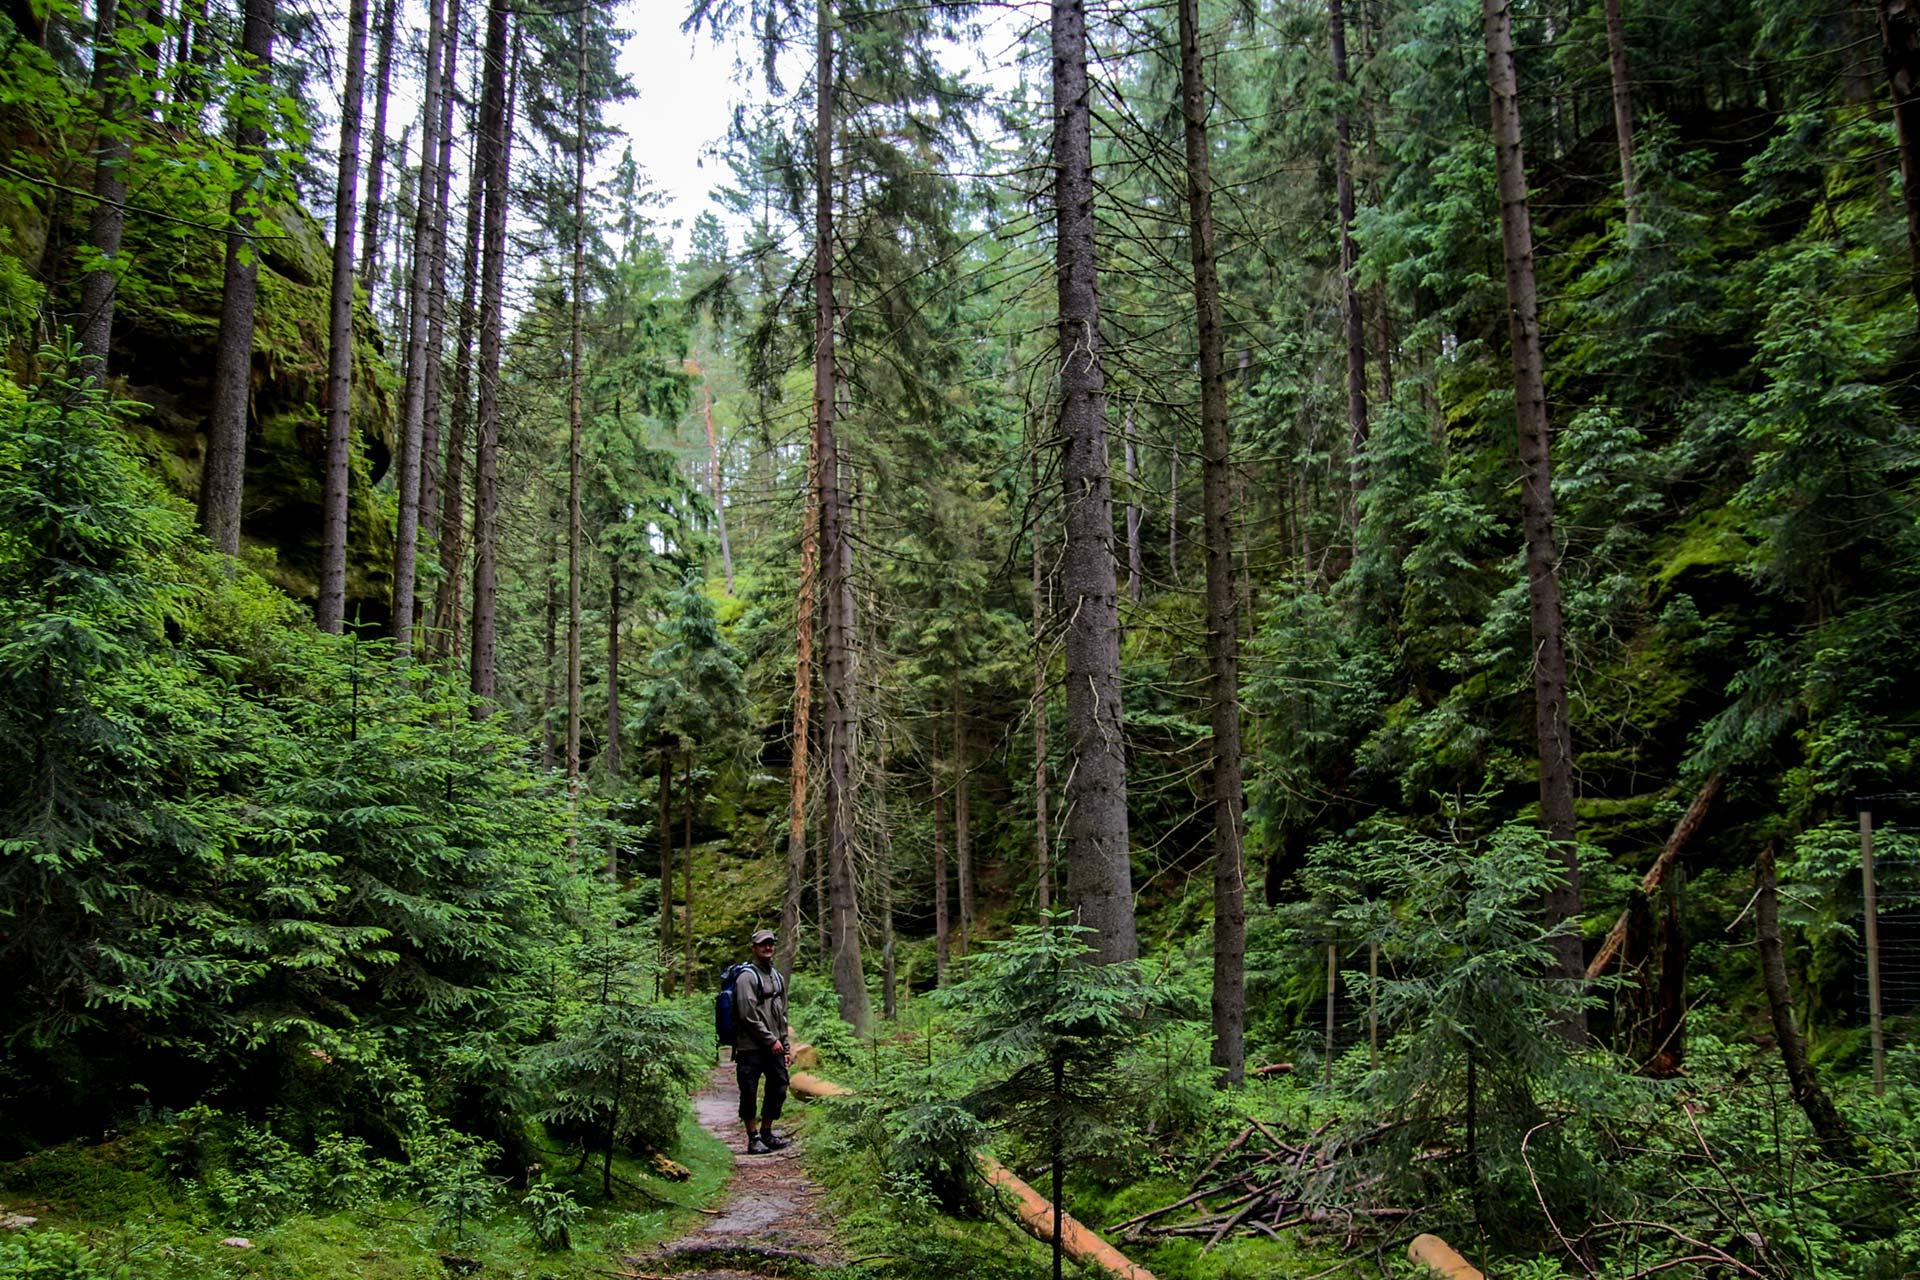 Dichte, unberührte Wälder inmitten des Nationalparks.